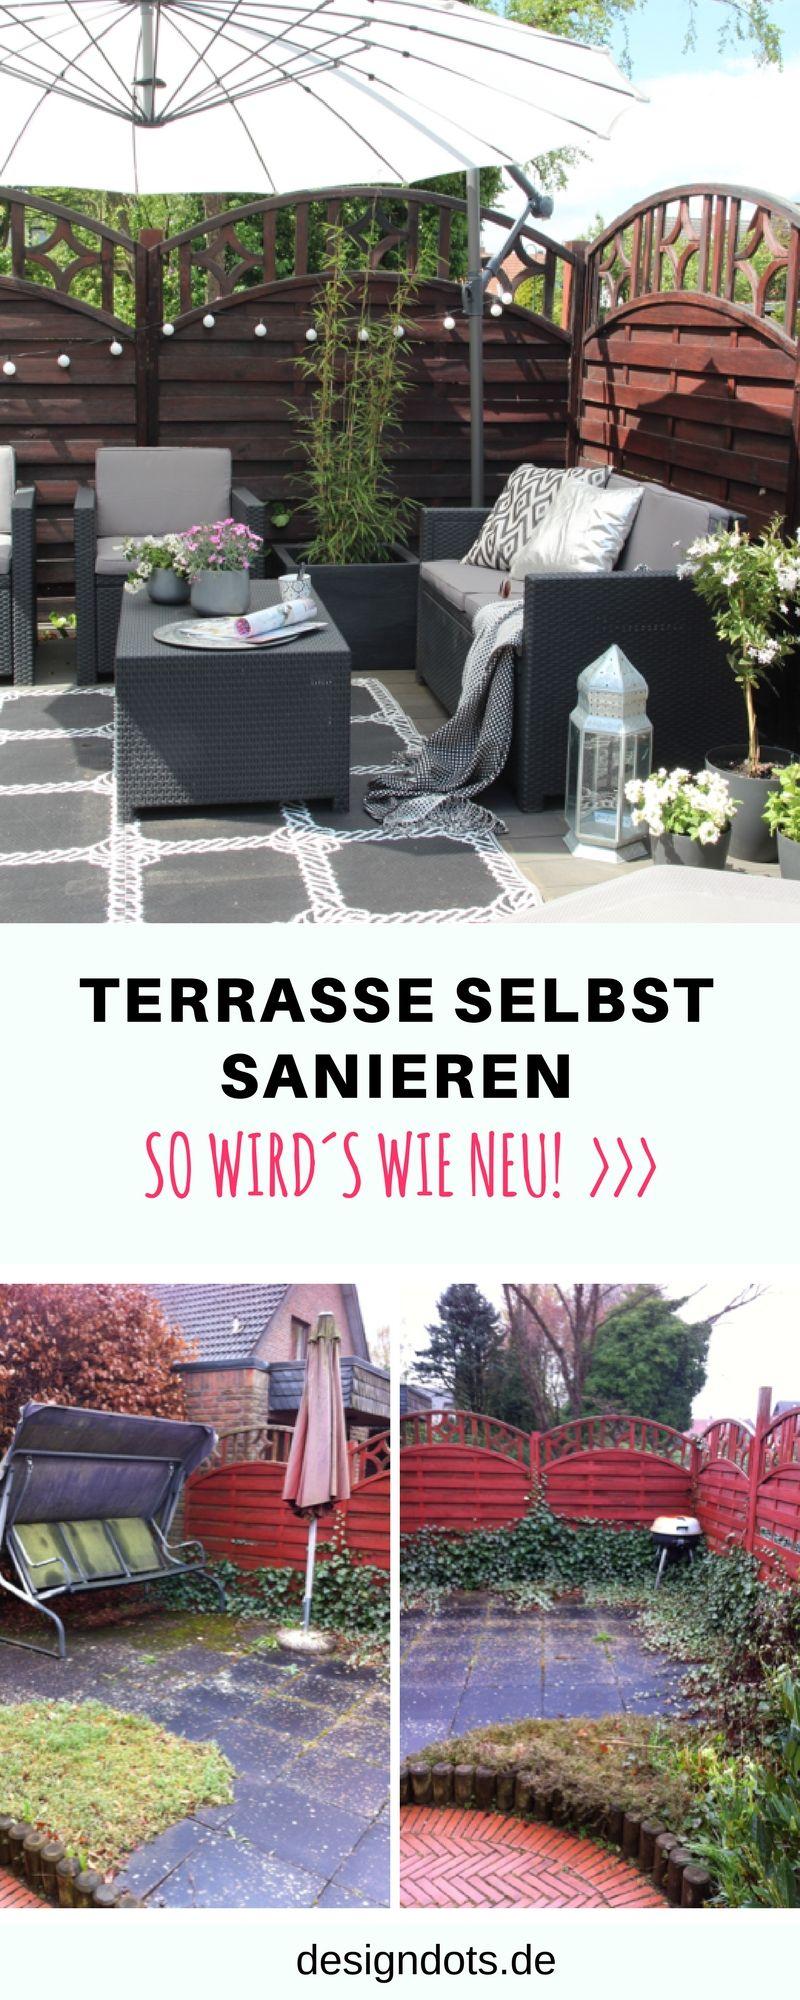 diy terrasse g nstig selber bauen gestalten und renovieren sichtschutz terrasse dekorieren. Black Bedroom Furniture Sets. Home Design Ideas